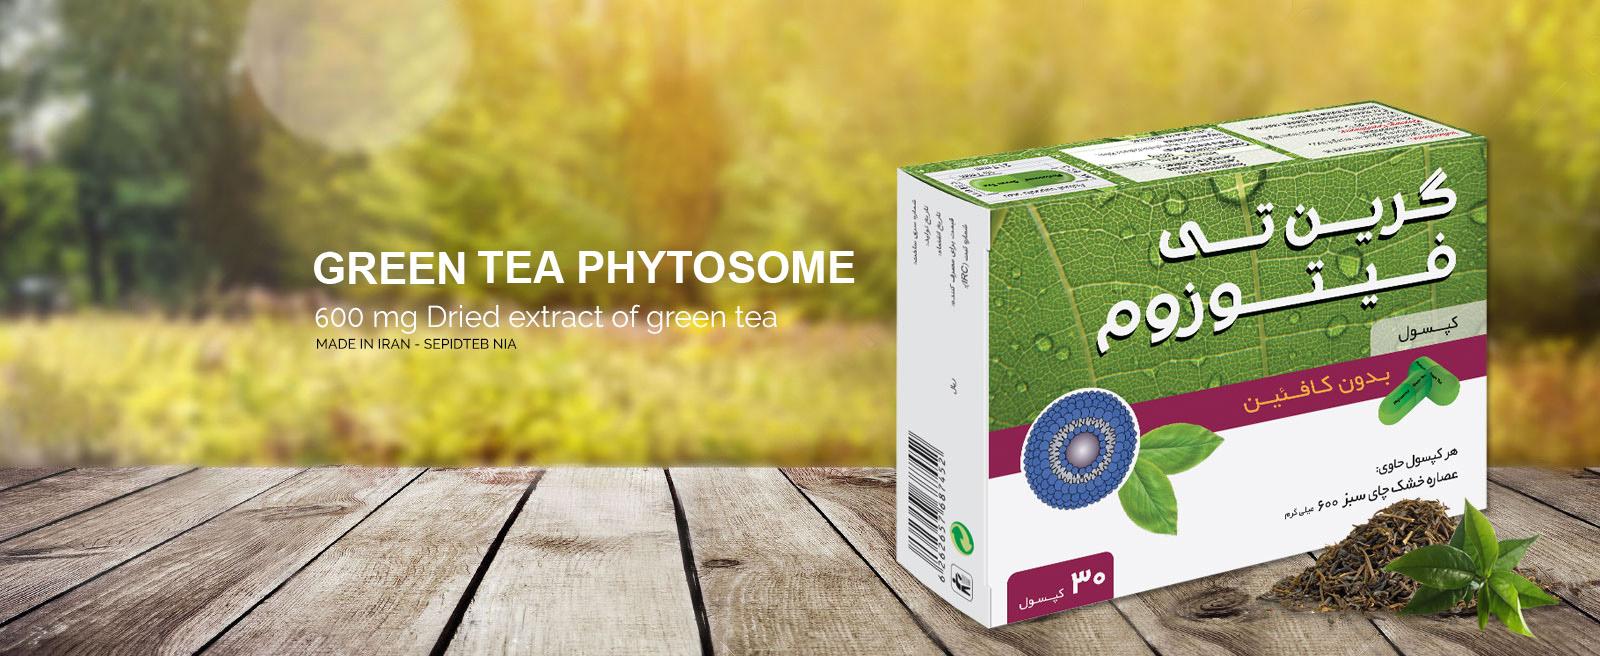 Phytosome